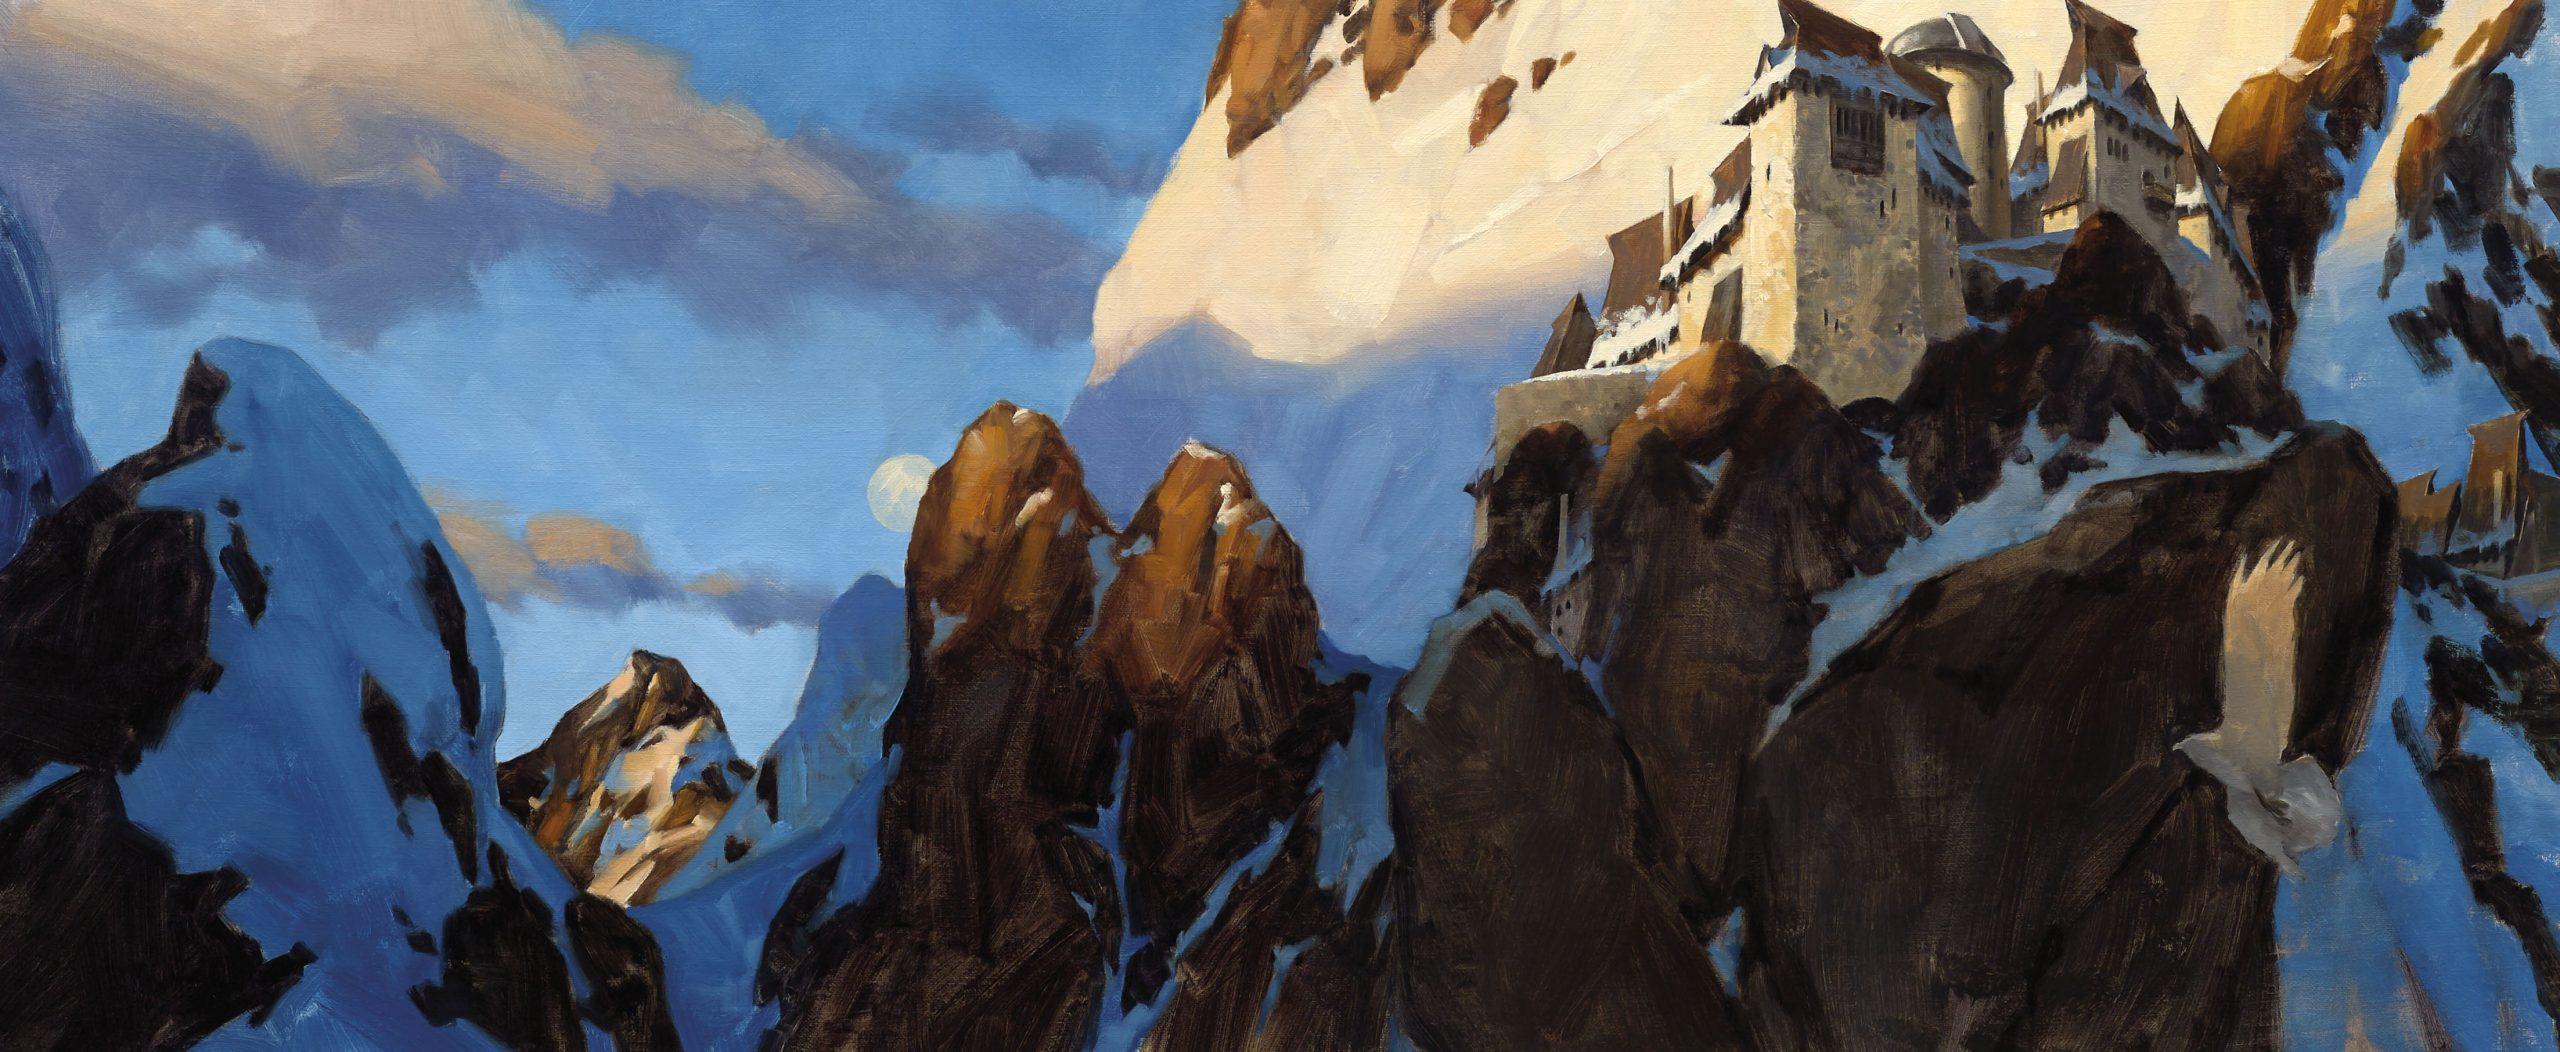 «Дневник Уэса»: отрывок изиллюстрированного романа «В ледяном плену» Грегори Манчесса